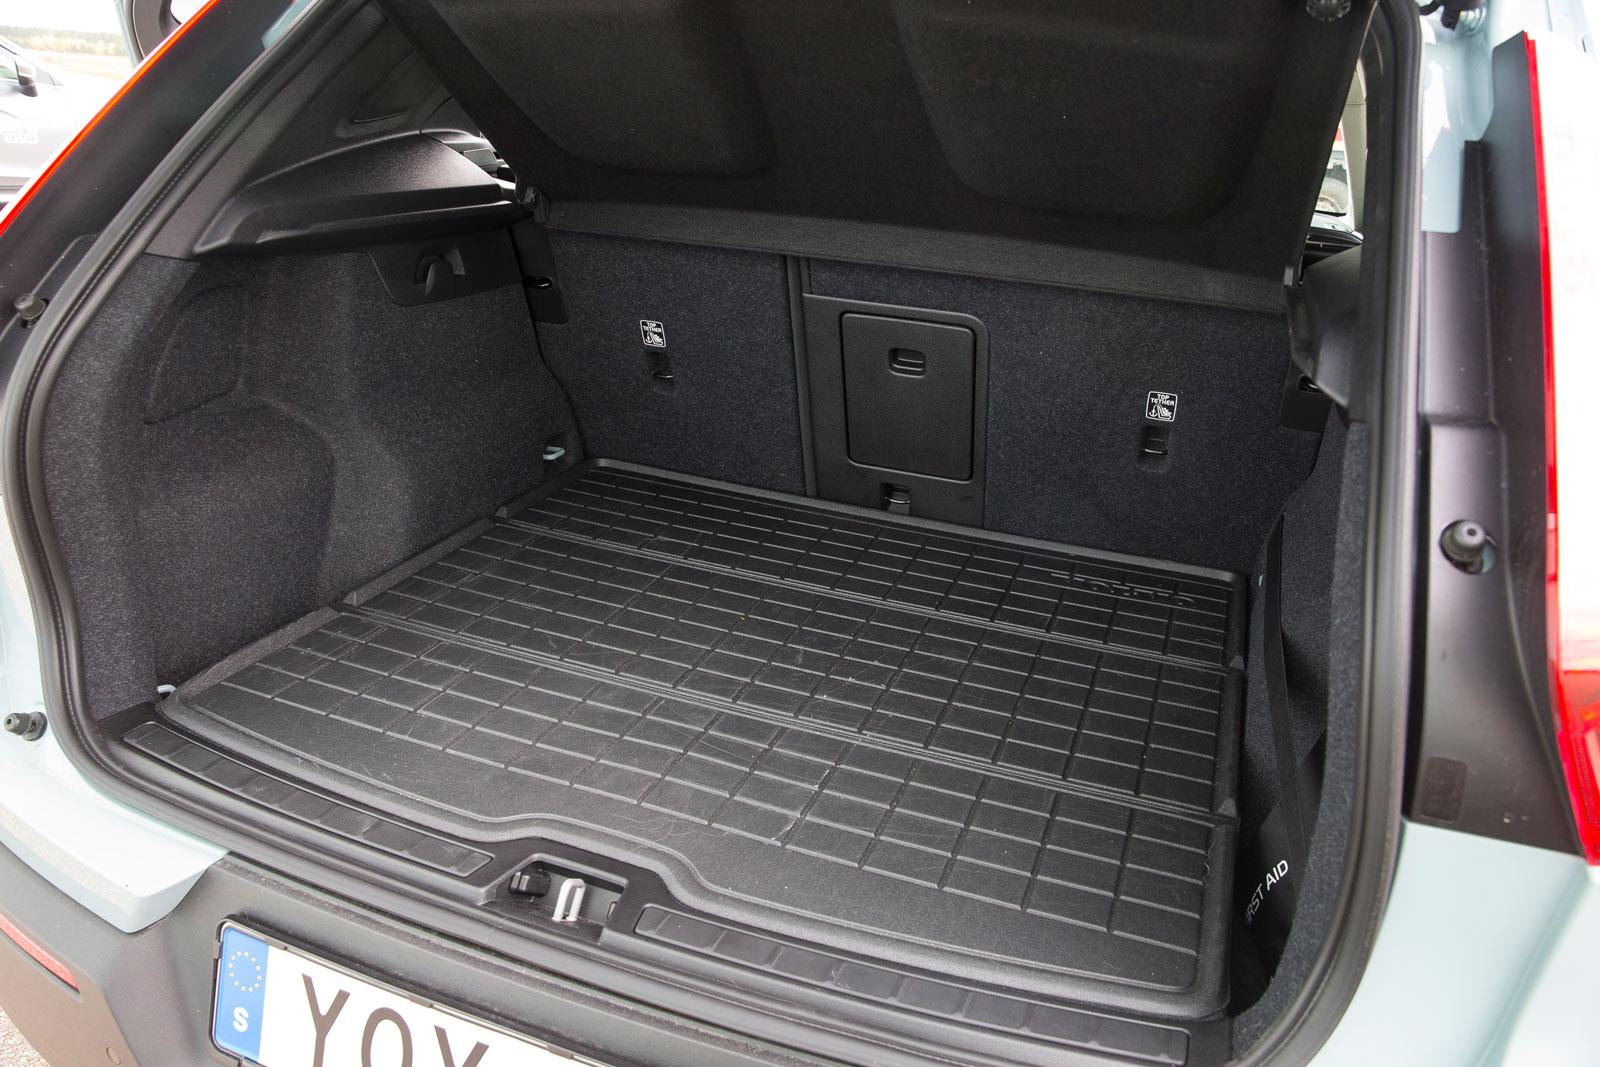 Volvo har en del smarta lastfinesser som inte finns hos konkurrenterna. Det delbara ryggstödet kan fällas elektriskt från lastutrymmet och de bakre nackskydden går med ett knapptryck att fälla från förarplats. 12 V-uttag finns, liksom dubbla kasskrokar, sidofack och ett rejält extrautrymme under lastgolvet.